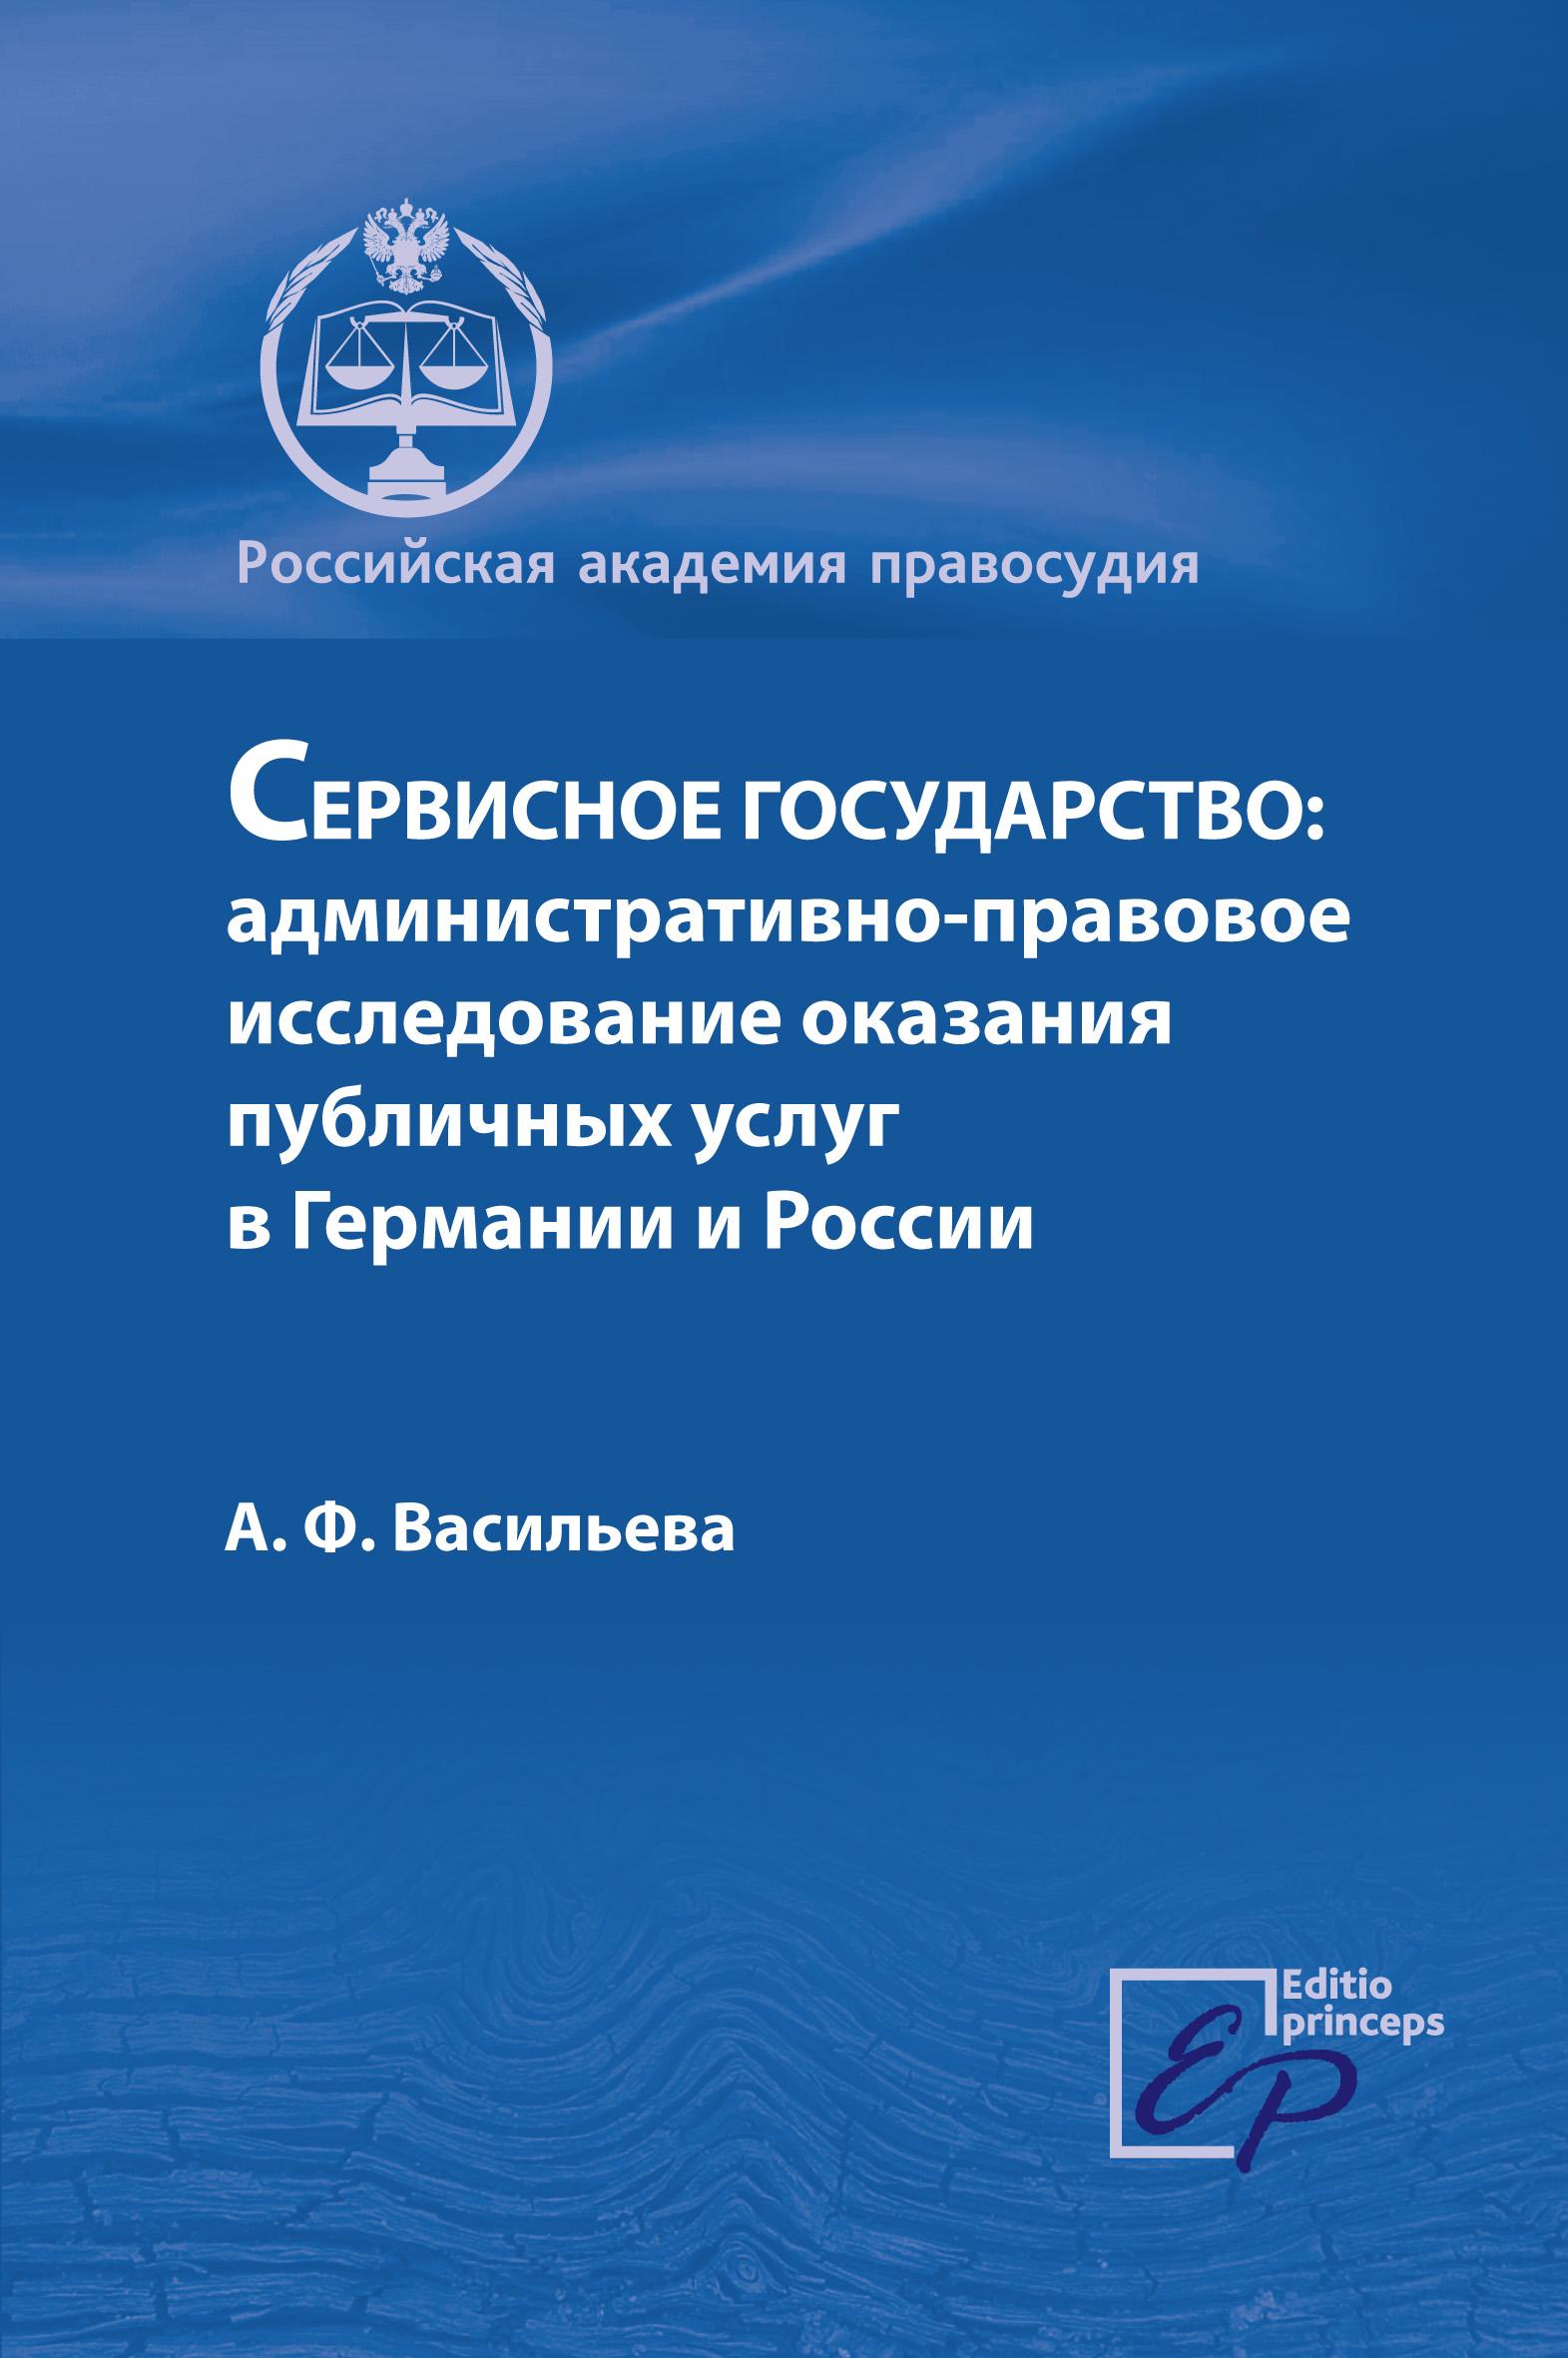 Фото - А. Ф. Васильева Сервисное государство: административно-правовое исследование оказания публичных услуг в Германии и России